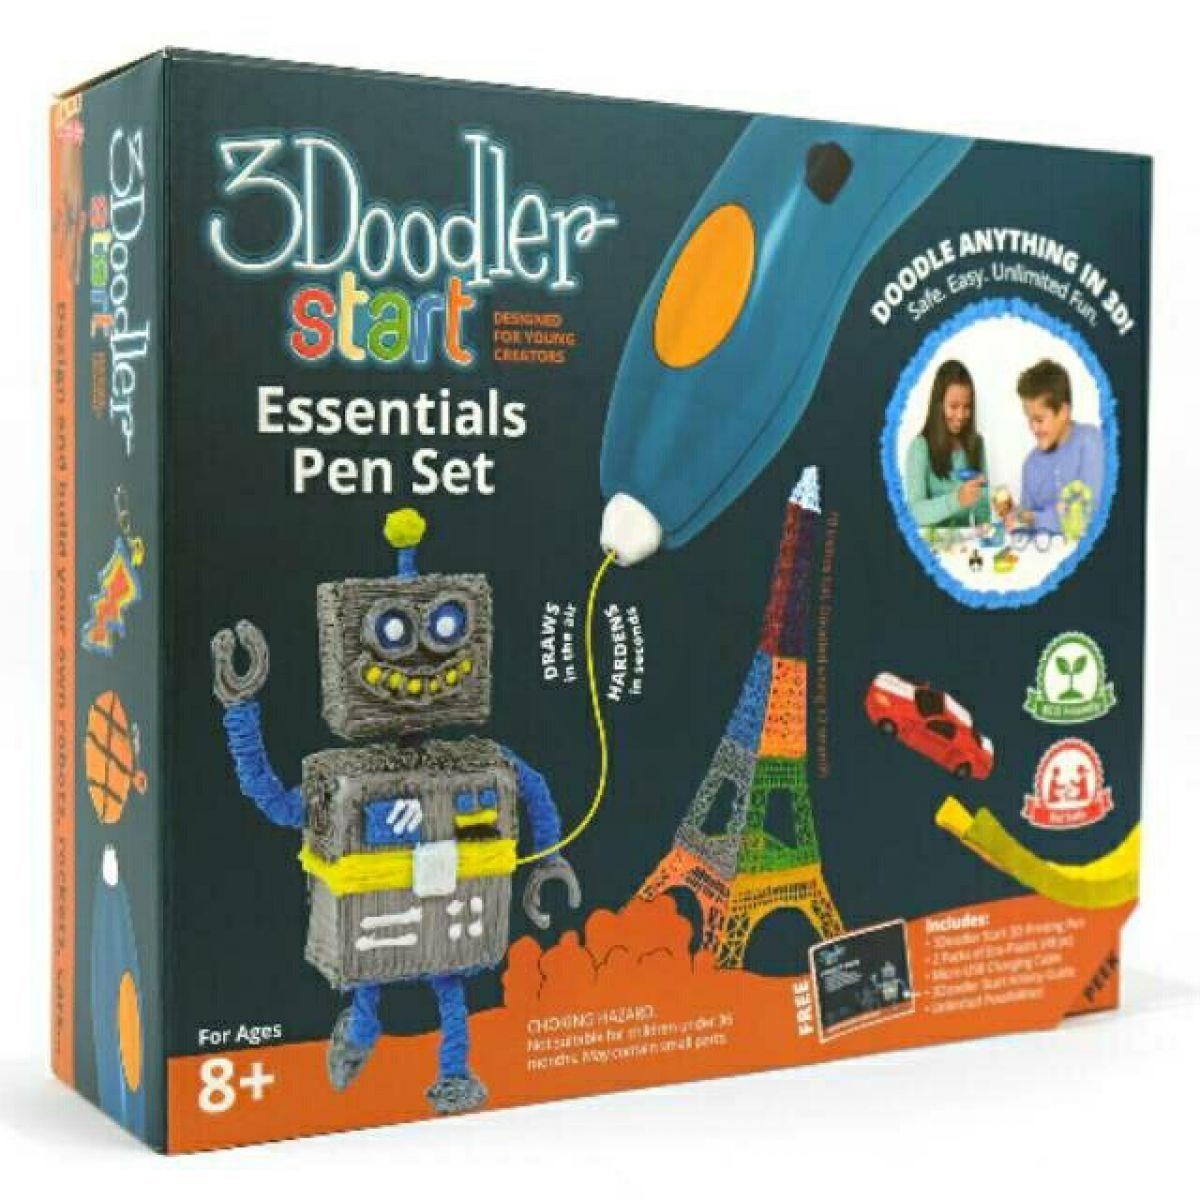 Teddies Sada start Magické pero 13cm 3DOODLER s náplněmi USB pro dobíjení v krabici